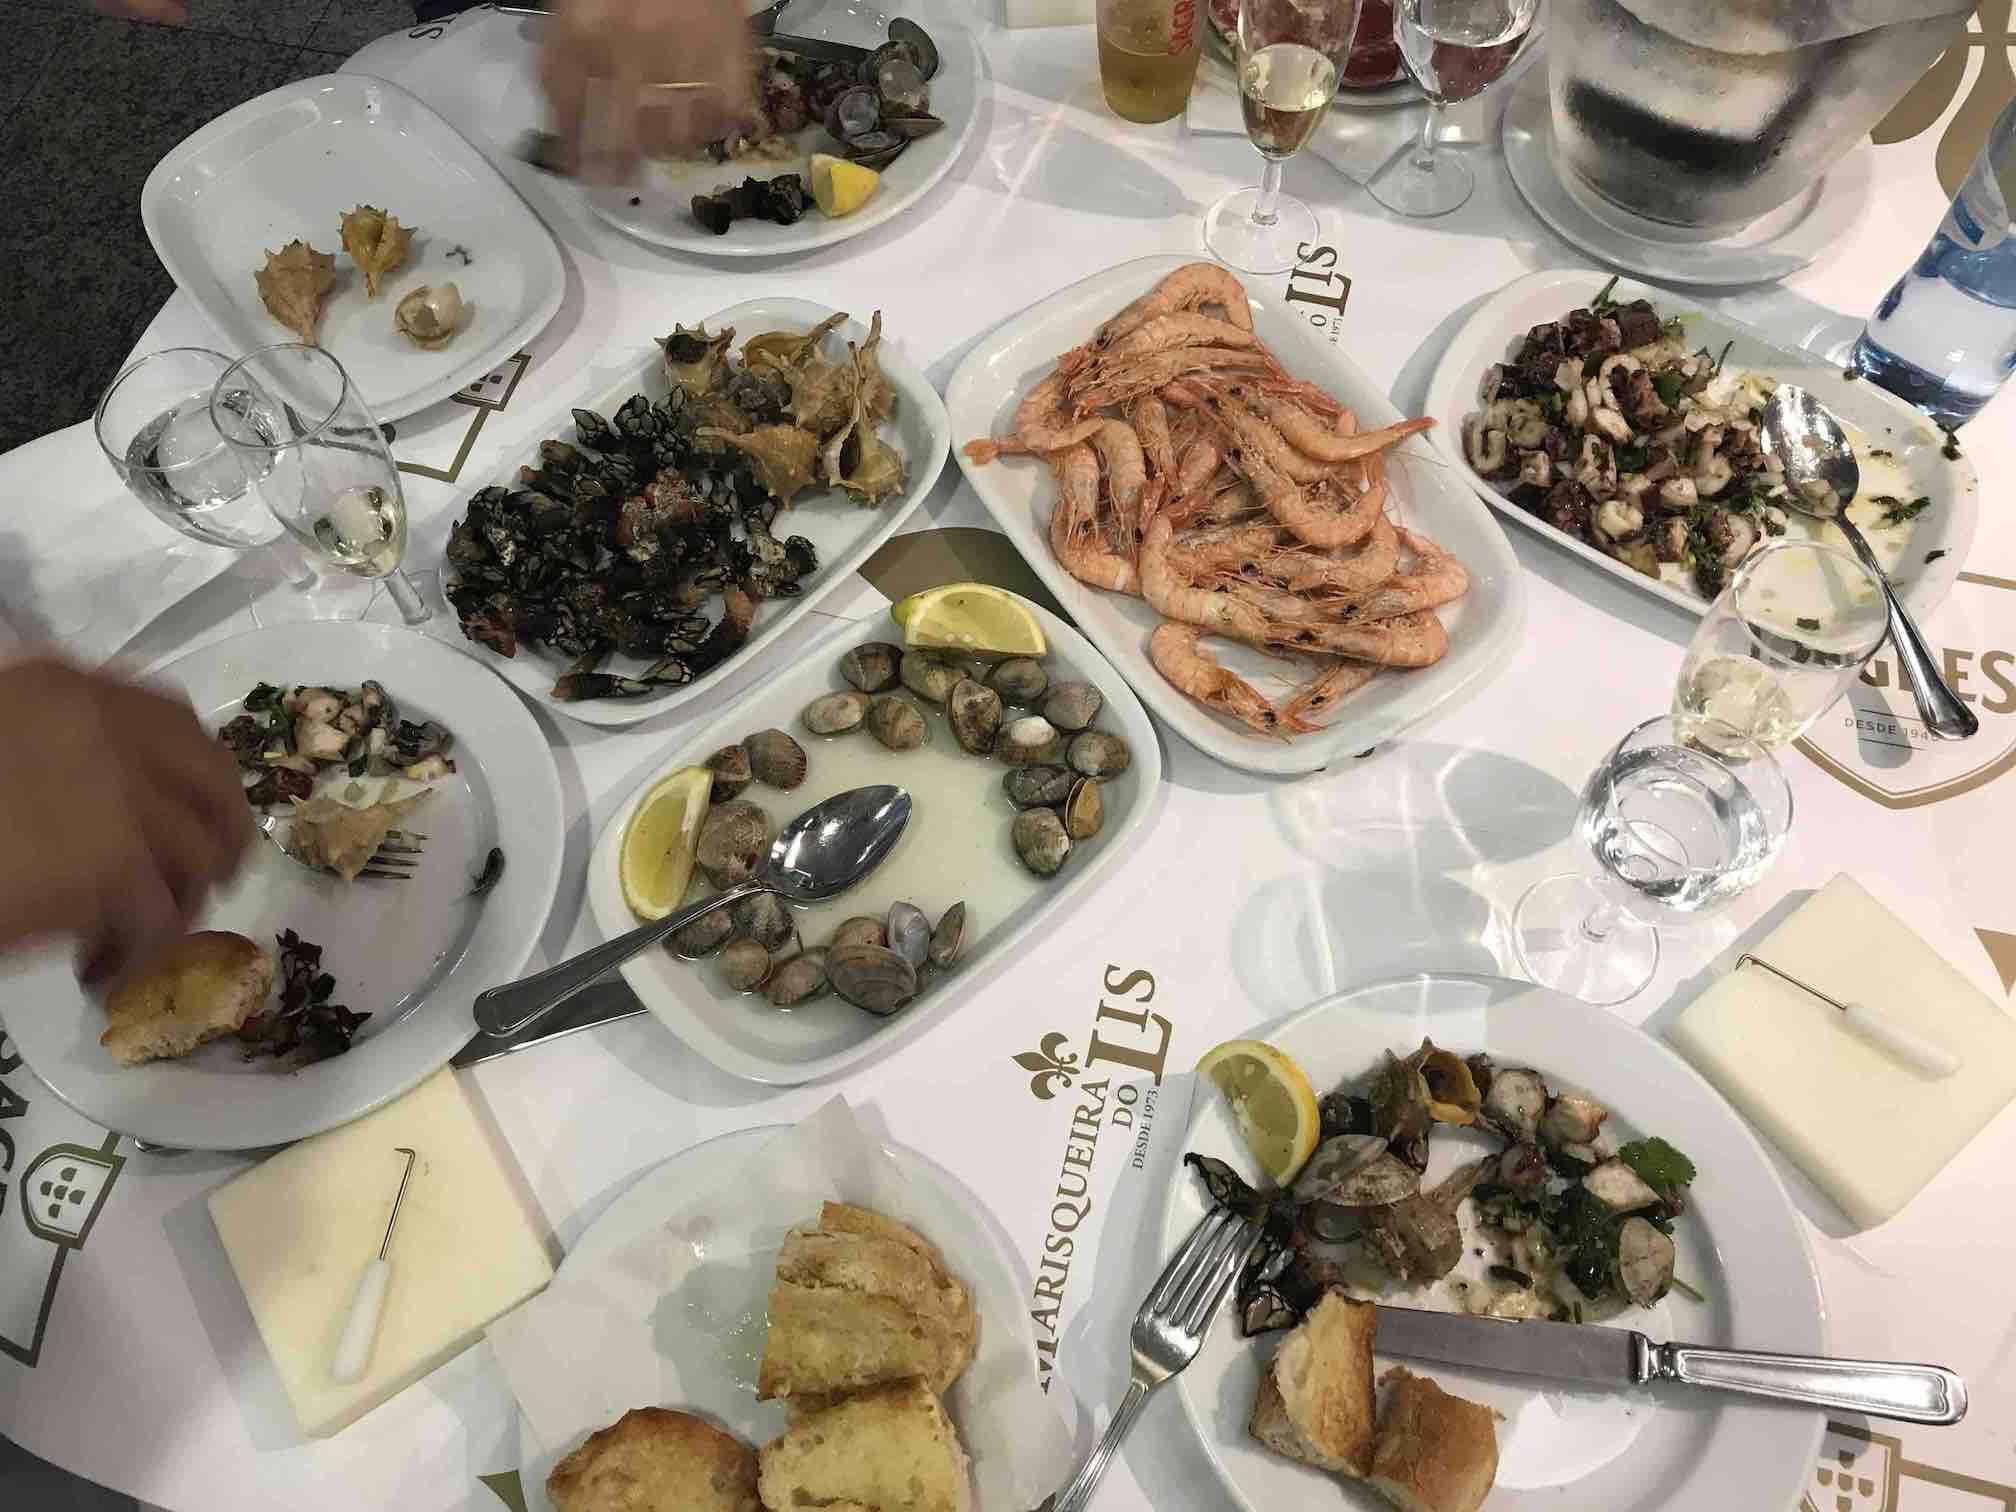 ポルトガルのユニークな冷凍食品ビジネス